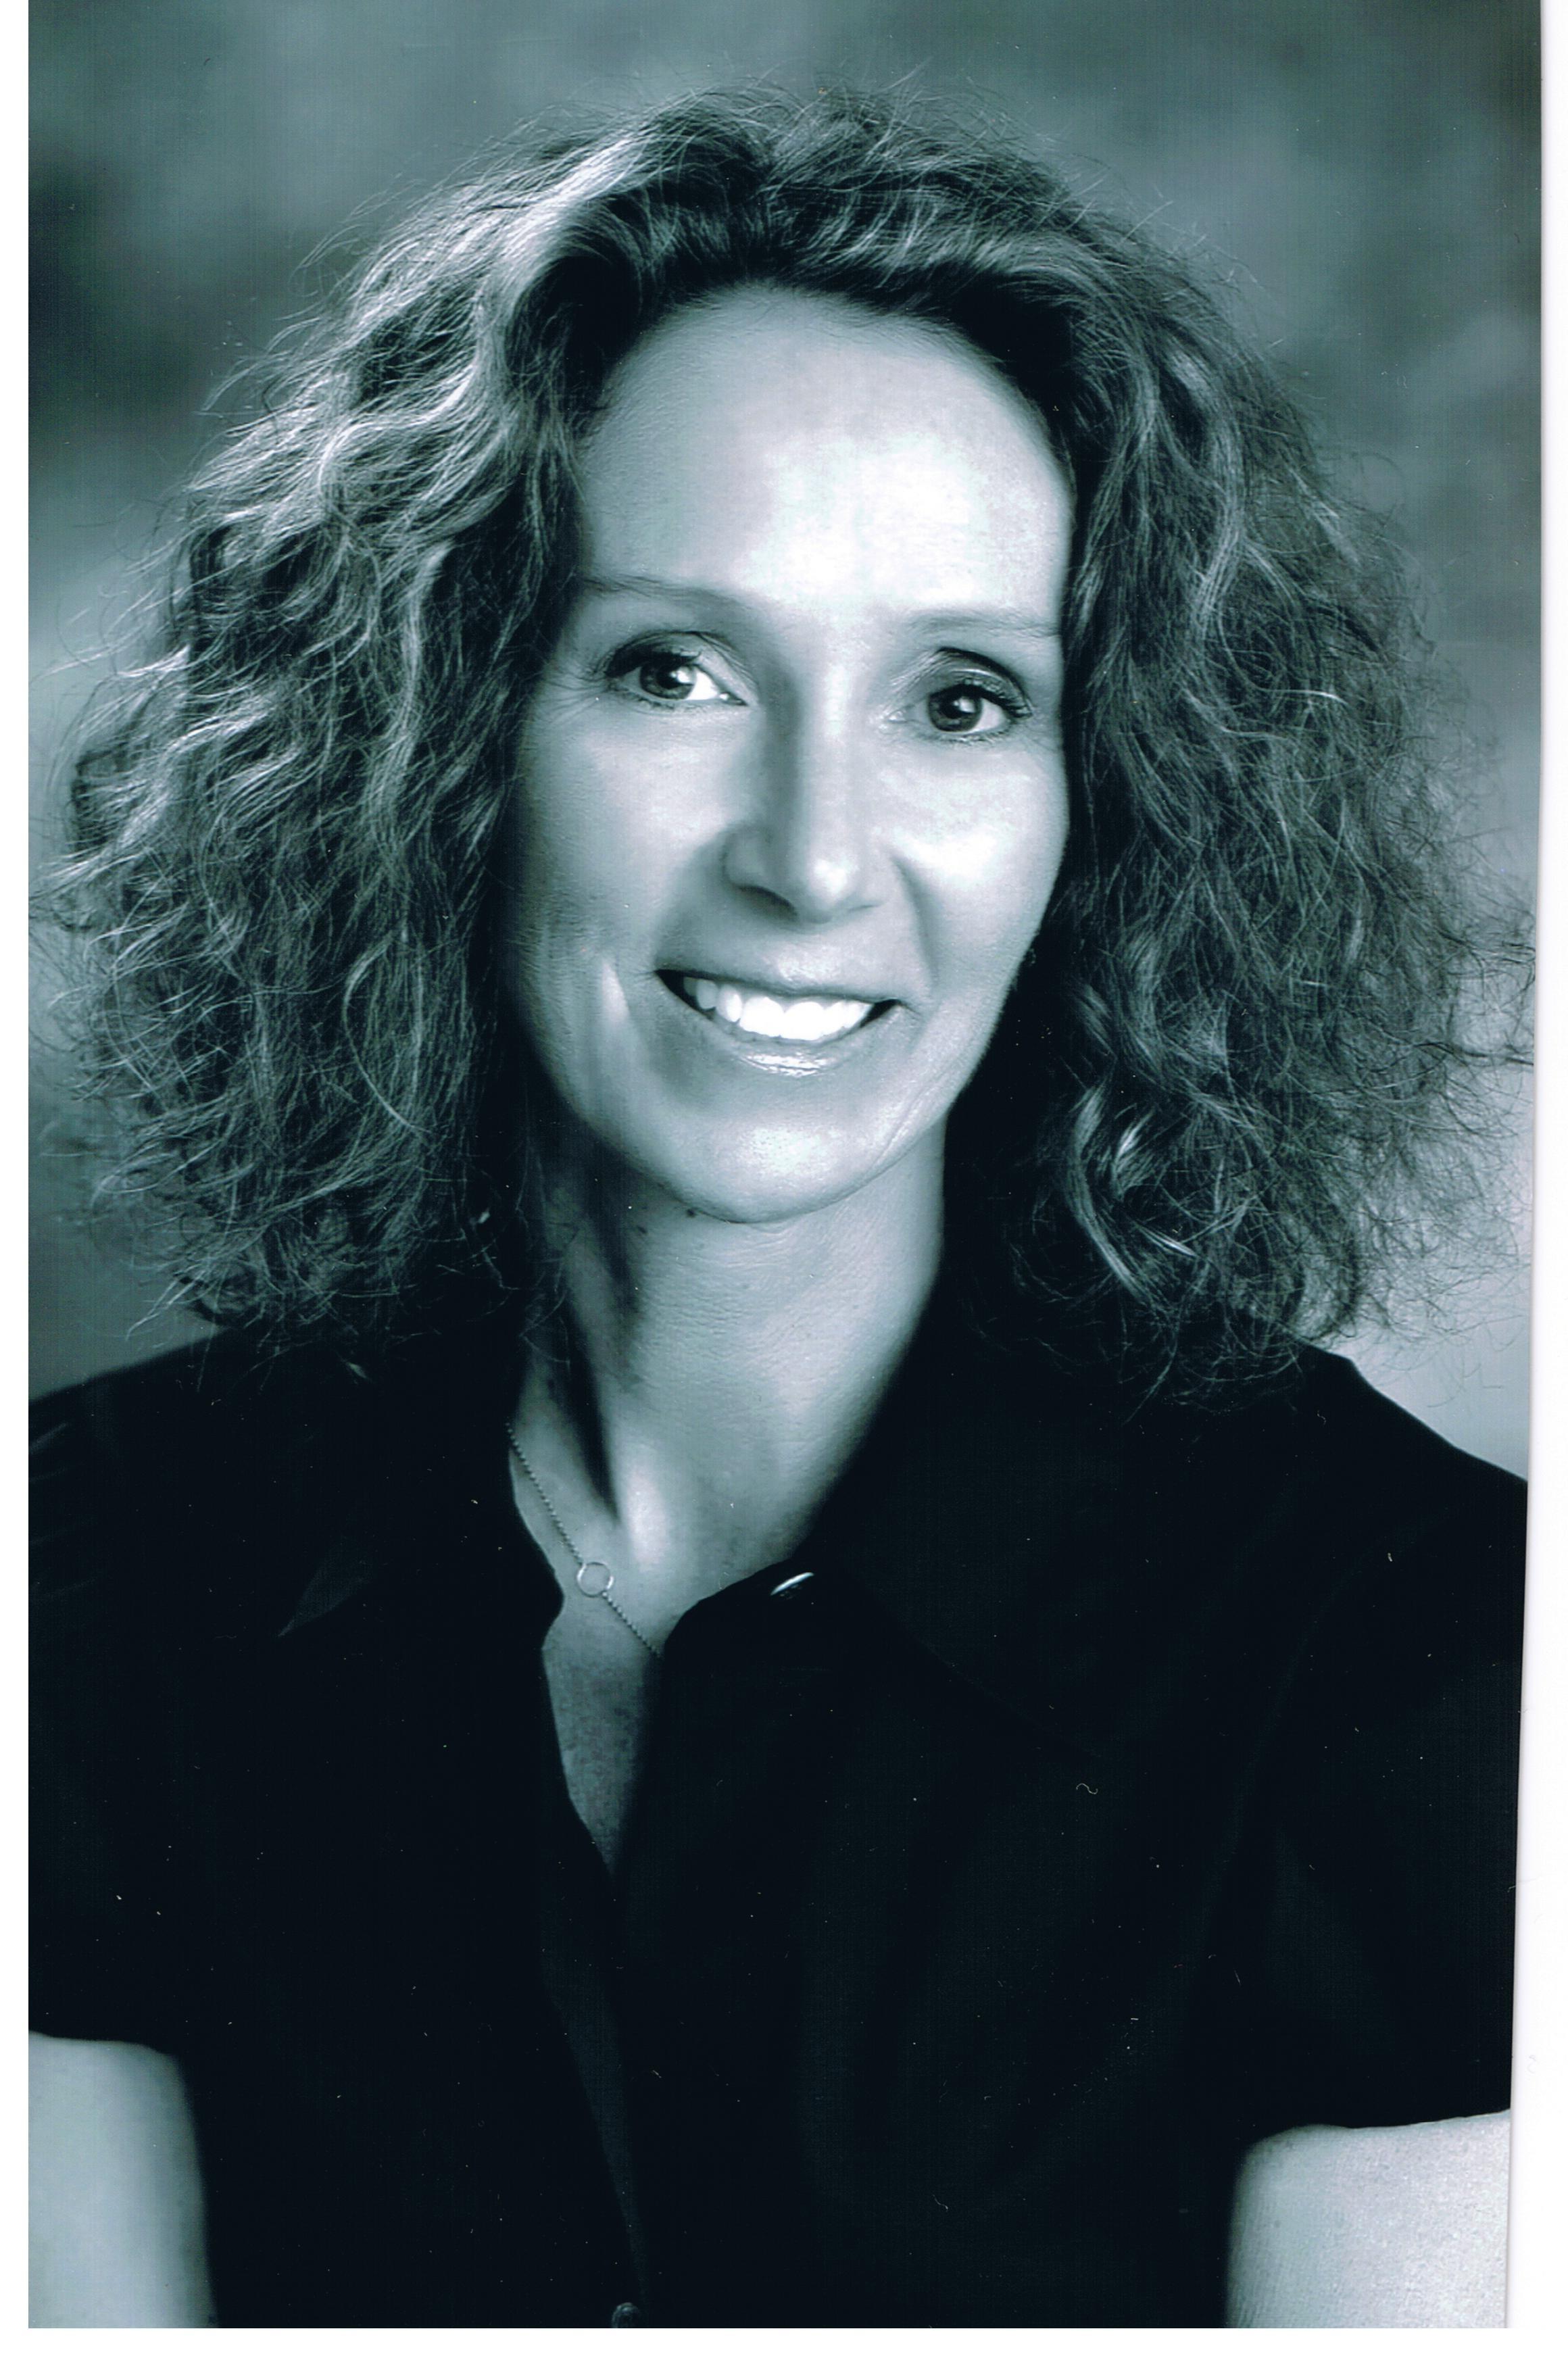 Jeanne Slushers photo BW 12-16-10